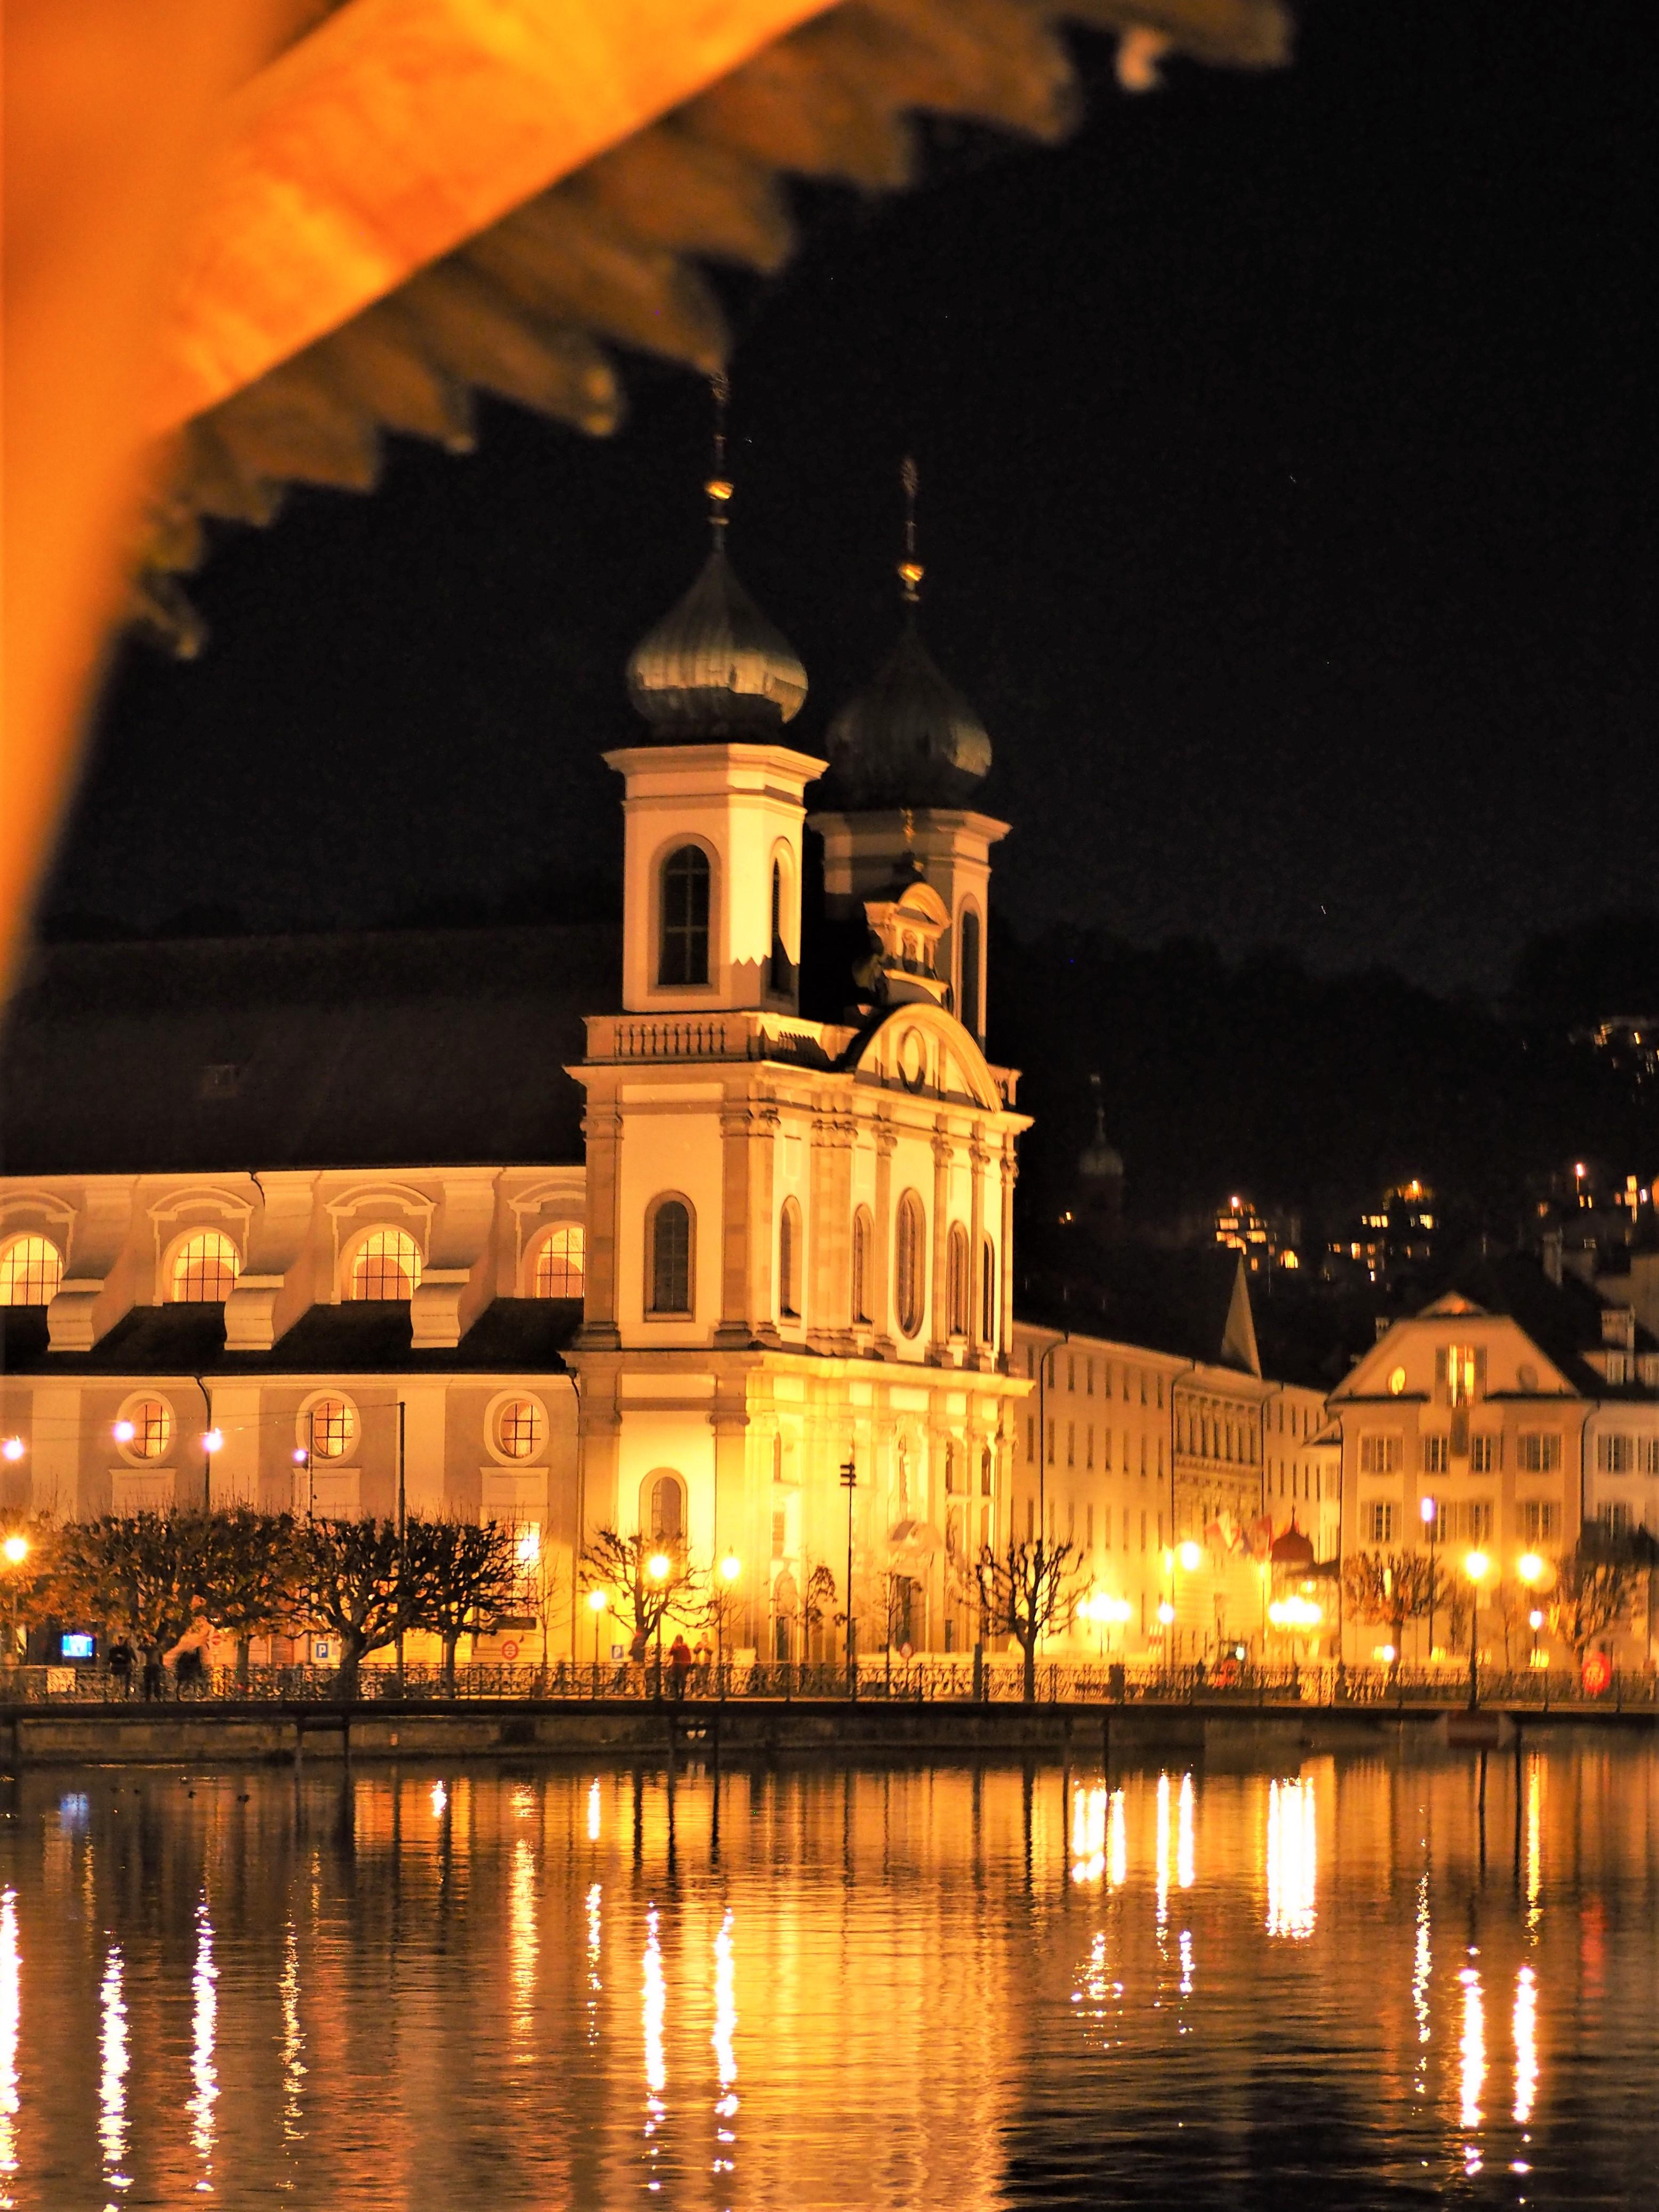 Clioandco-blog-voyage-Lucerne-de-nuit-Pont-de-la-chapelle-et-eglise-franciscaine-visiter-suisse.